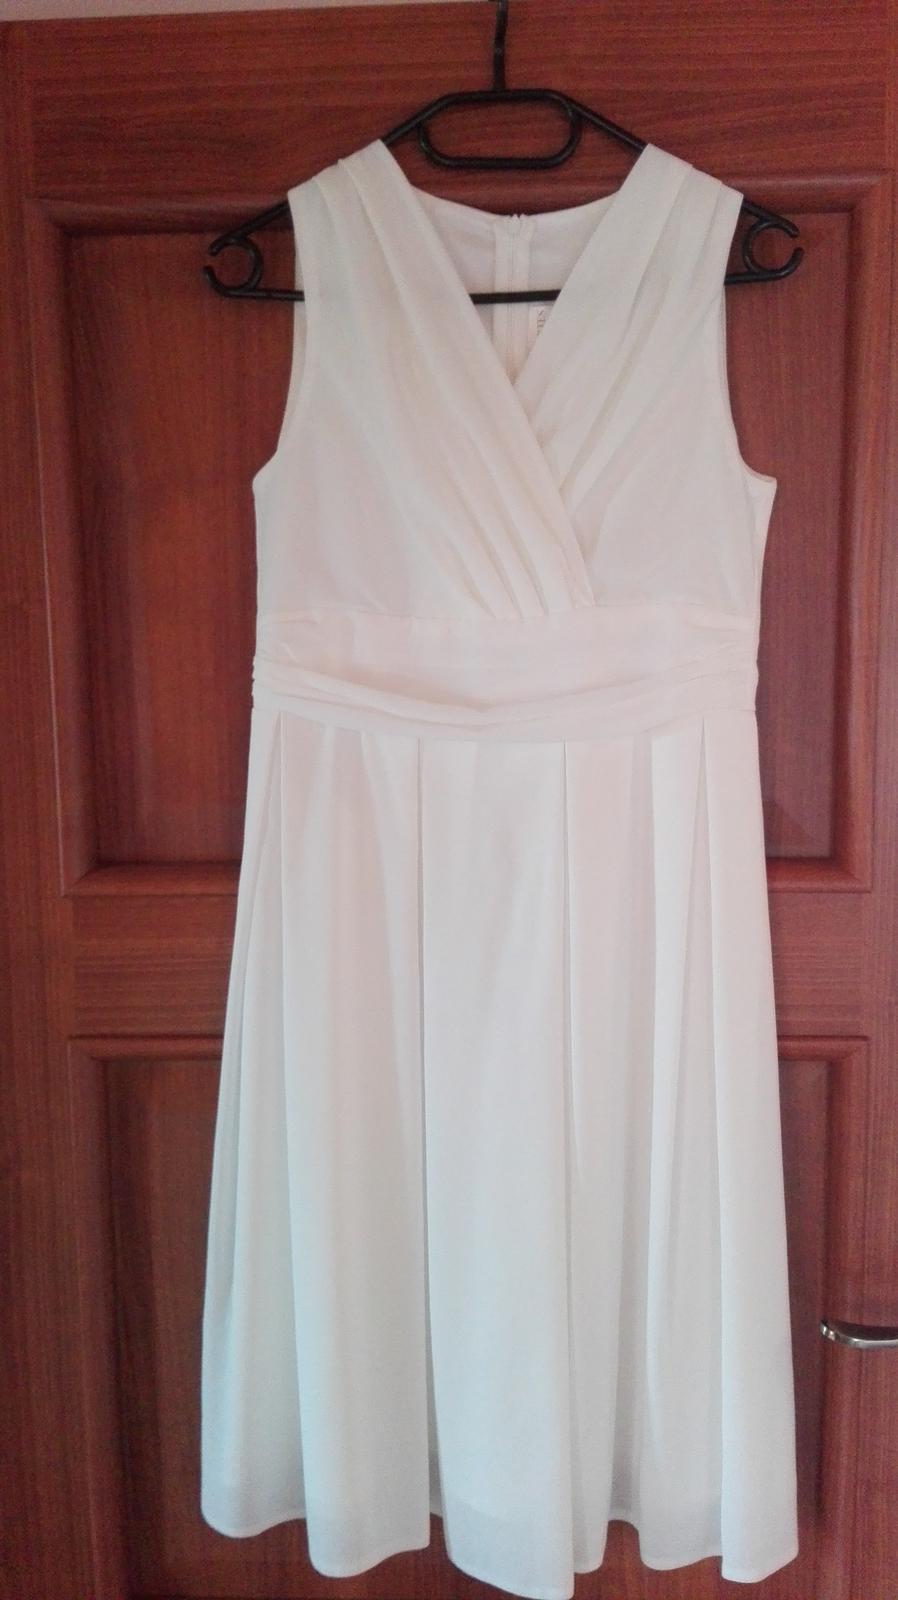 Biele spoločenské šaty, veľ. M - Obrázok č. 1